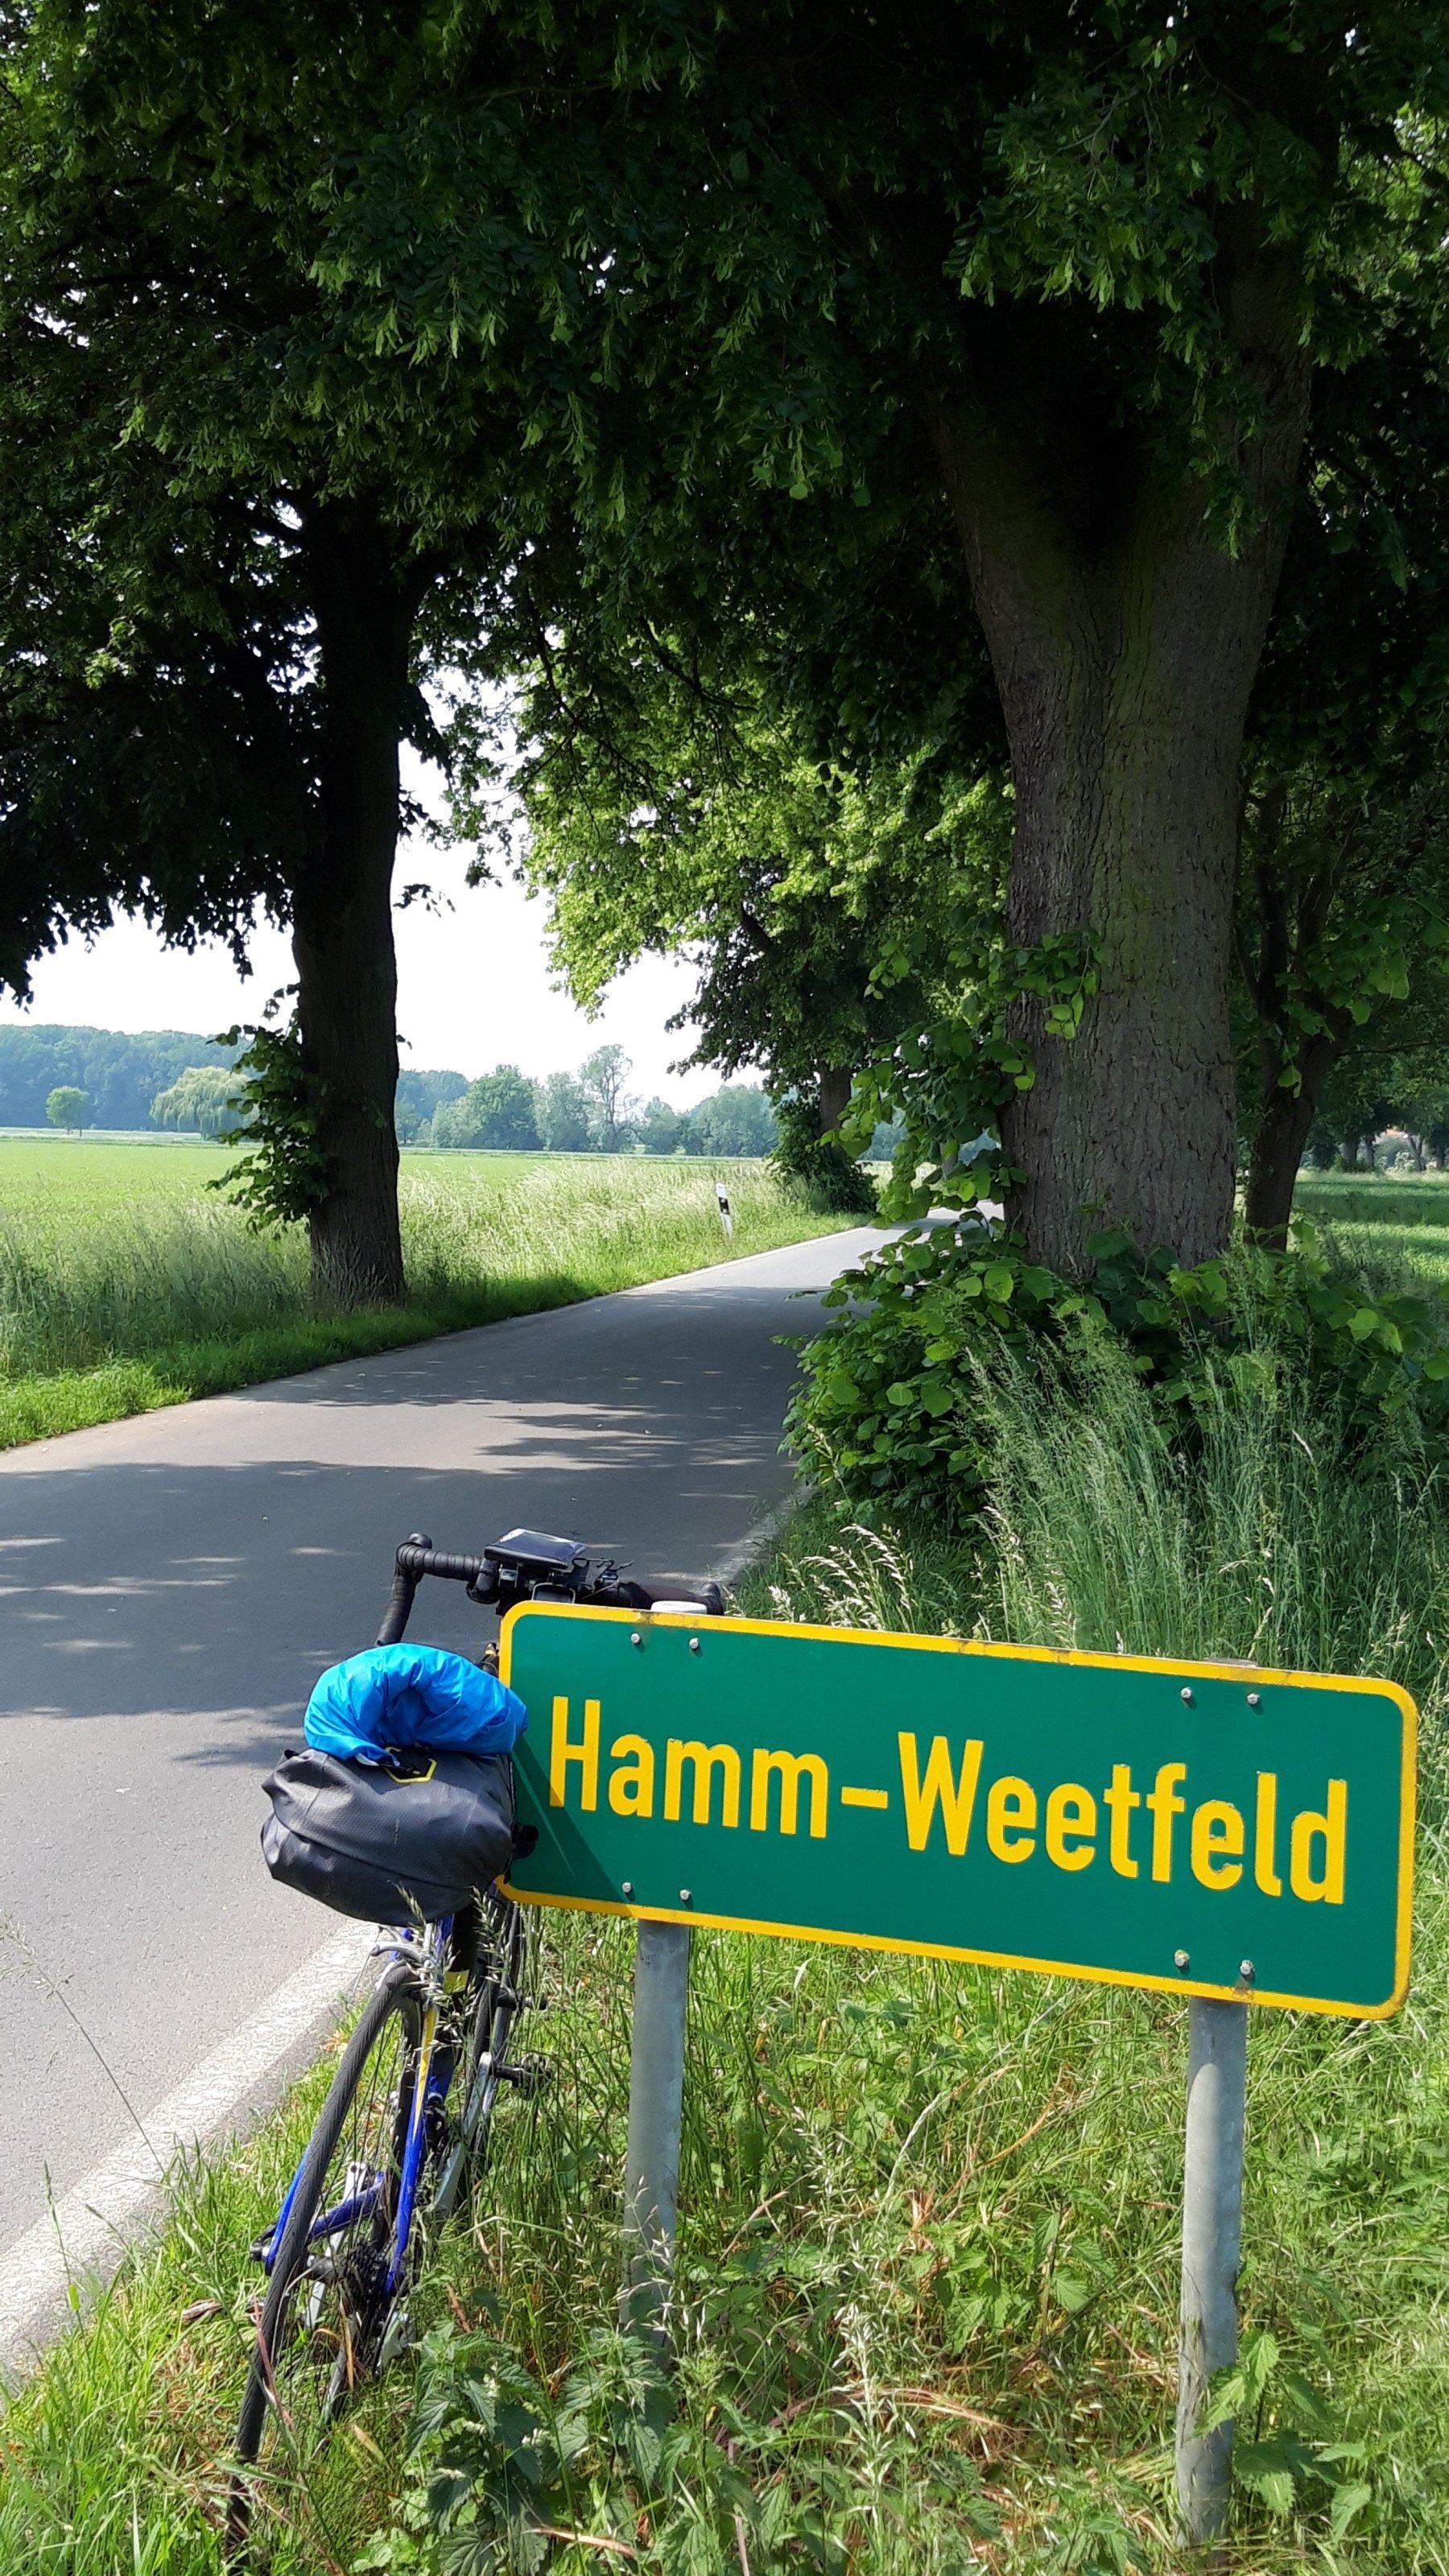 Das Vehikel des RadelndenReporters am Ortsschild Hamm-Weetfeld im äußersten Osten des Ruhrgebiets.